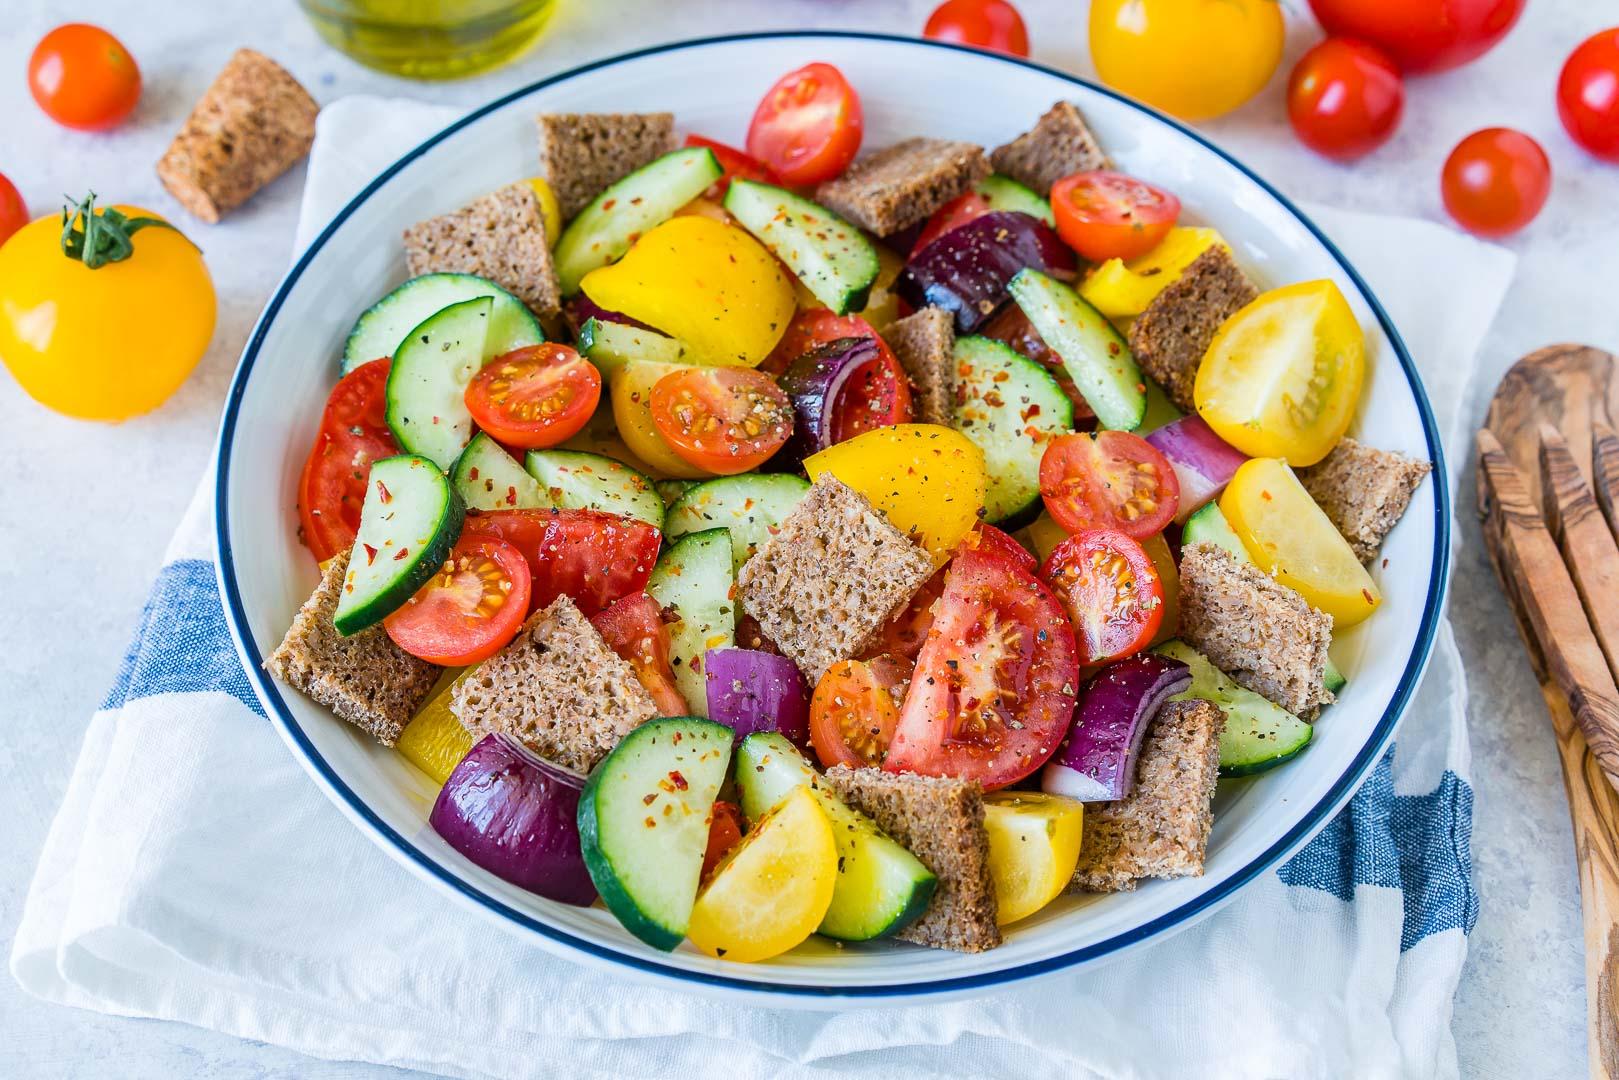 Garden Fresh Gazpacho Salad CleanFoodCrush